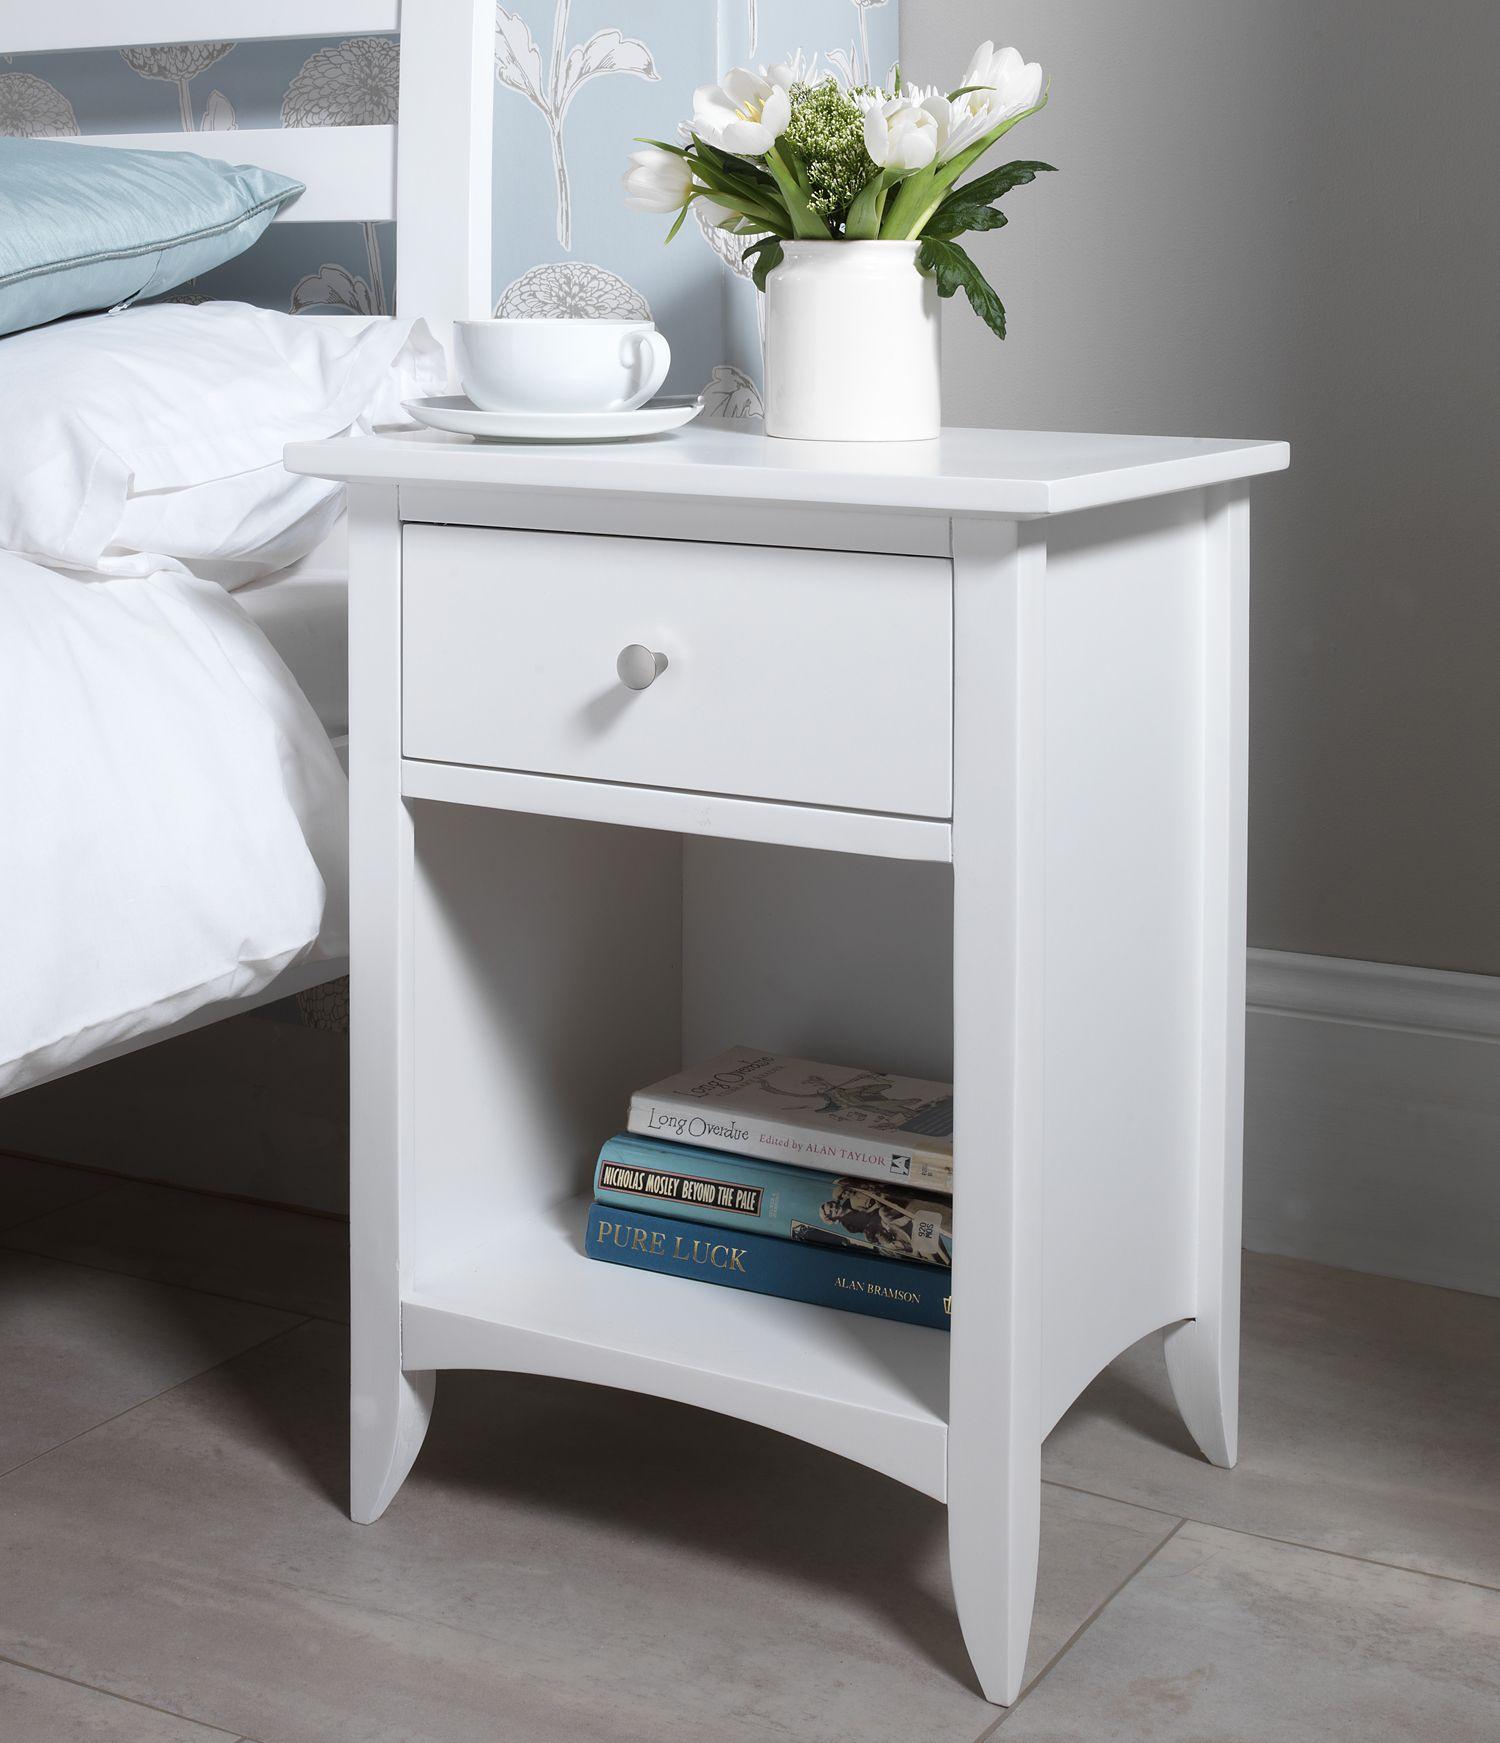 Best Image Result For White Bedside Table Side Tables Bedroom 400 x 300